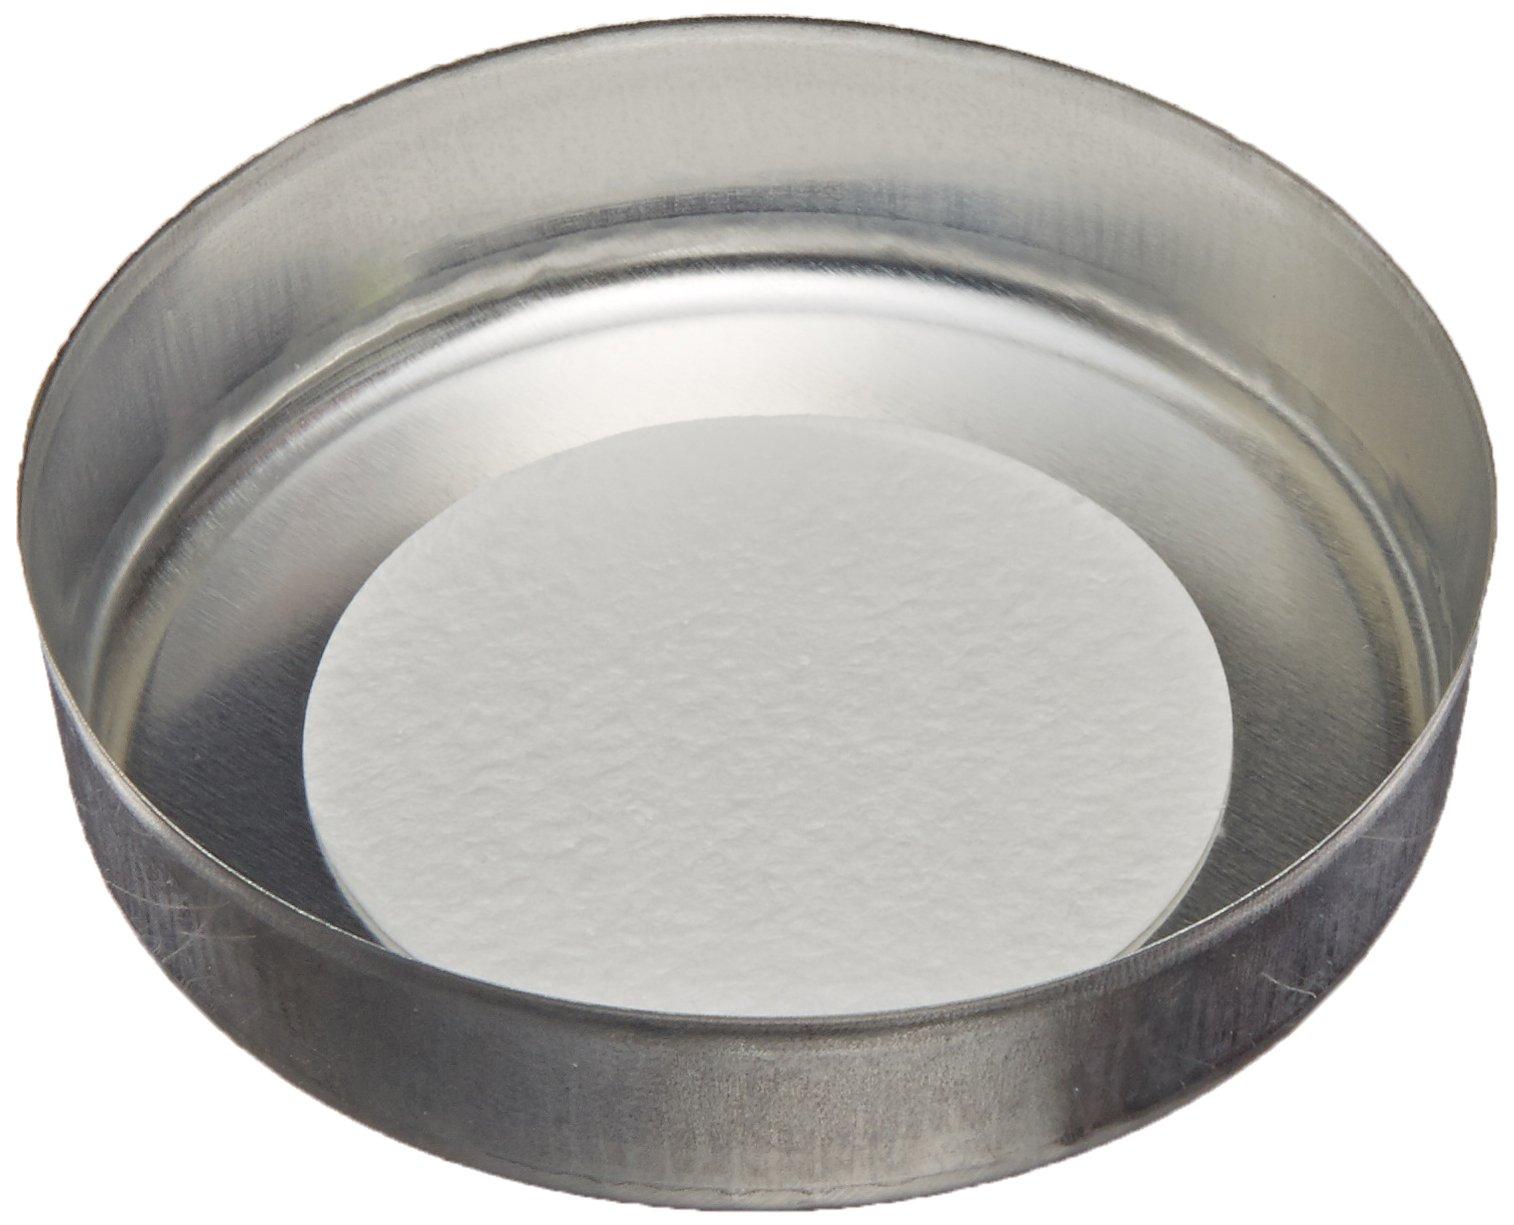 GE Whatman 9907-047 Grade 934-AH RTU Borosilicate Glass Microfiber Filter, 47mm Diameter (Pack of 100)